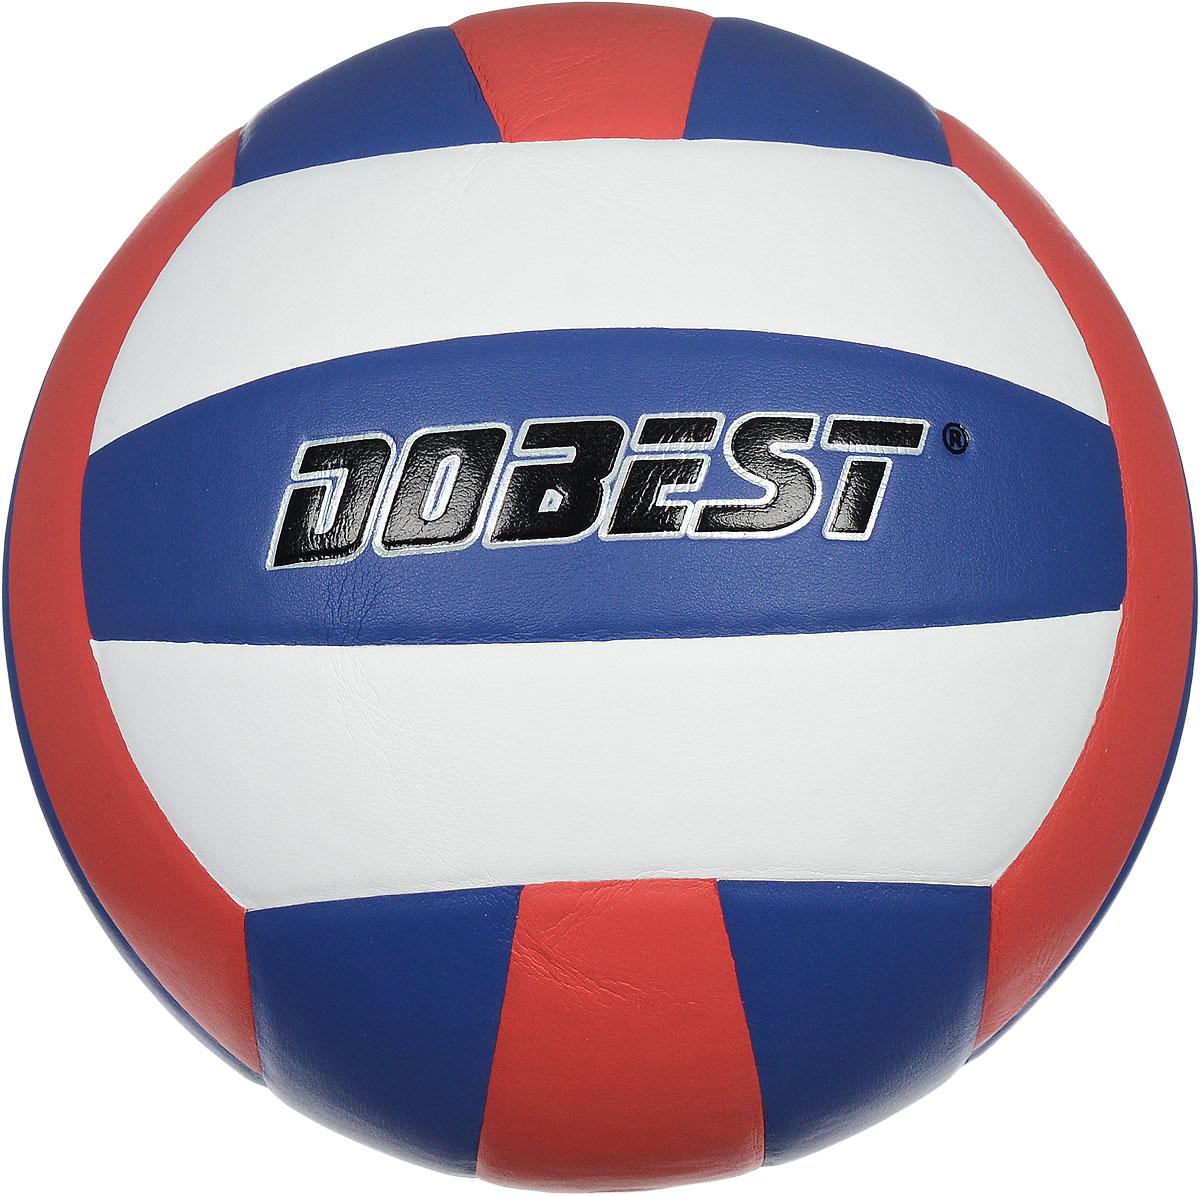 Мяч волейбольный Dobest, цвет: белый, синий, красный. Размер 5SU500Волейбольный мяч Dobest подойдет для любительской игры на улице и в зале. Изделие выполнено из прочной синтетической кожи, камера - резина. Панели клееные.Количество панелей: 18.Количество слоев: 4.Вес: 260-280 г.УВАЖЕМЫЕ КЛИЕНТЫ!Обращаем ваше внимание на тот факт, что мяч поставляется в сдутом виде. Насос не входит в комплект.